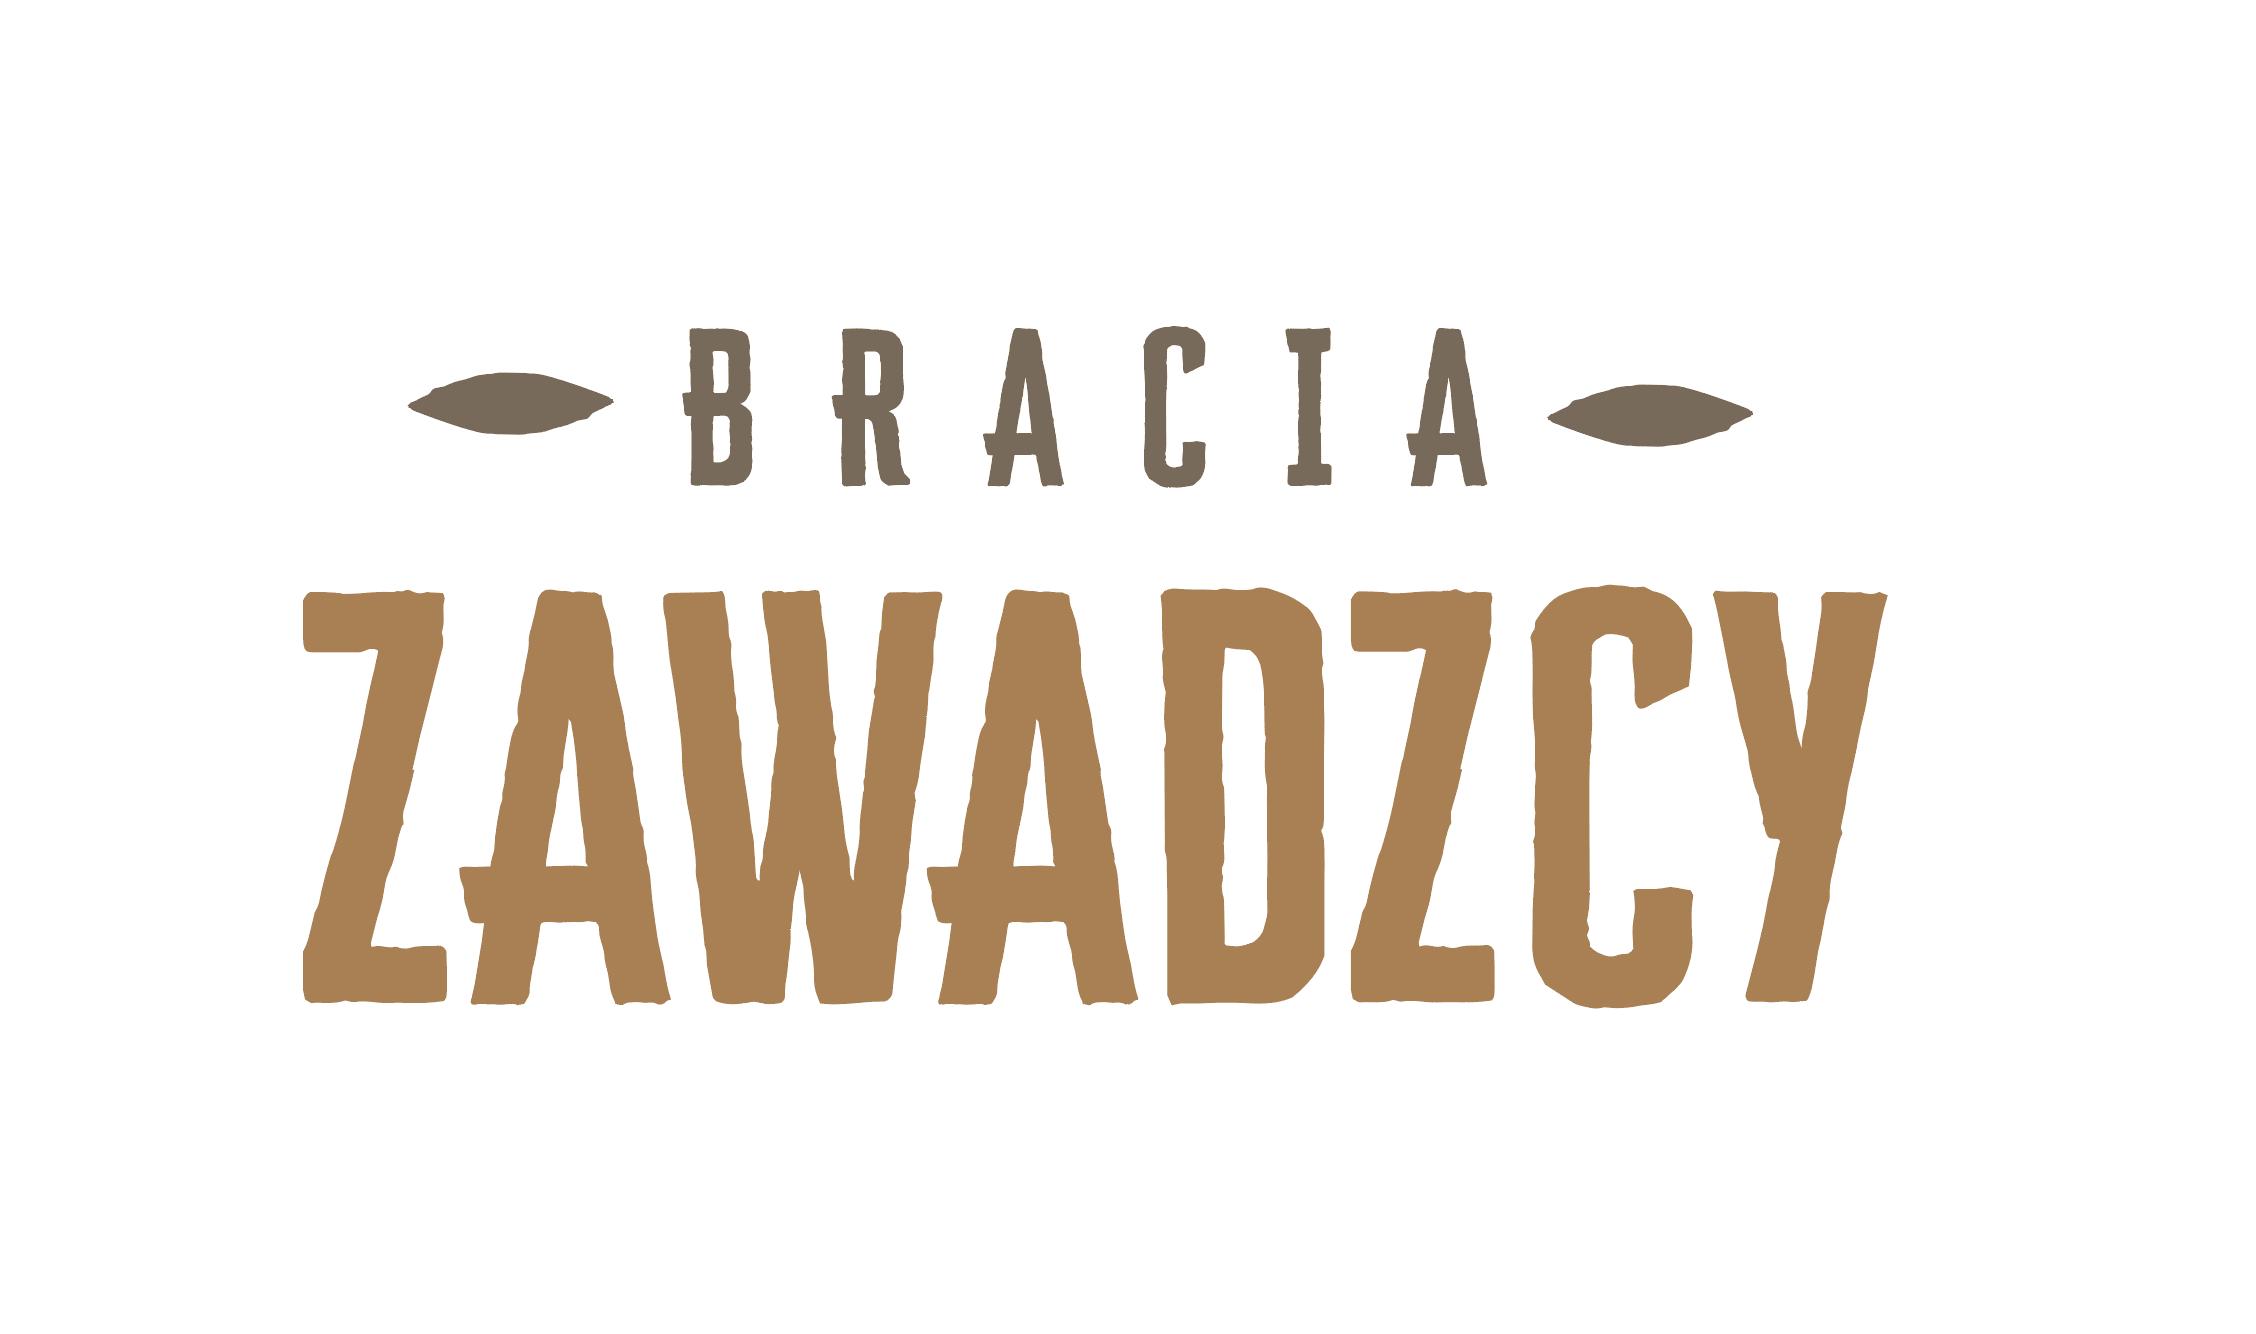 BRACIA ZAWADZCY